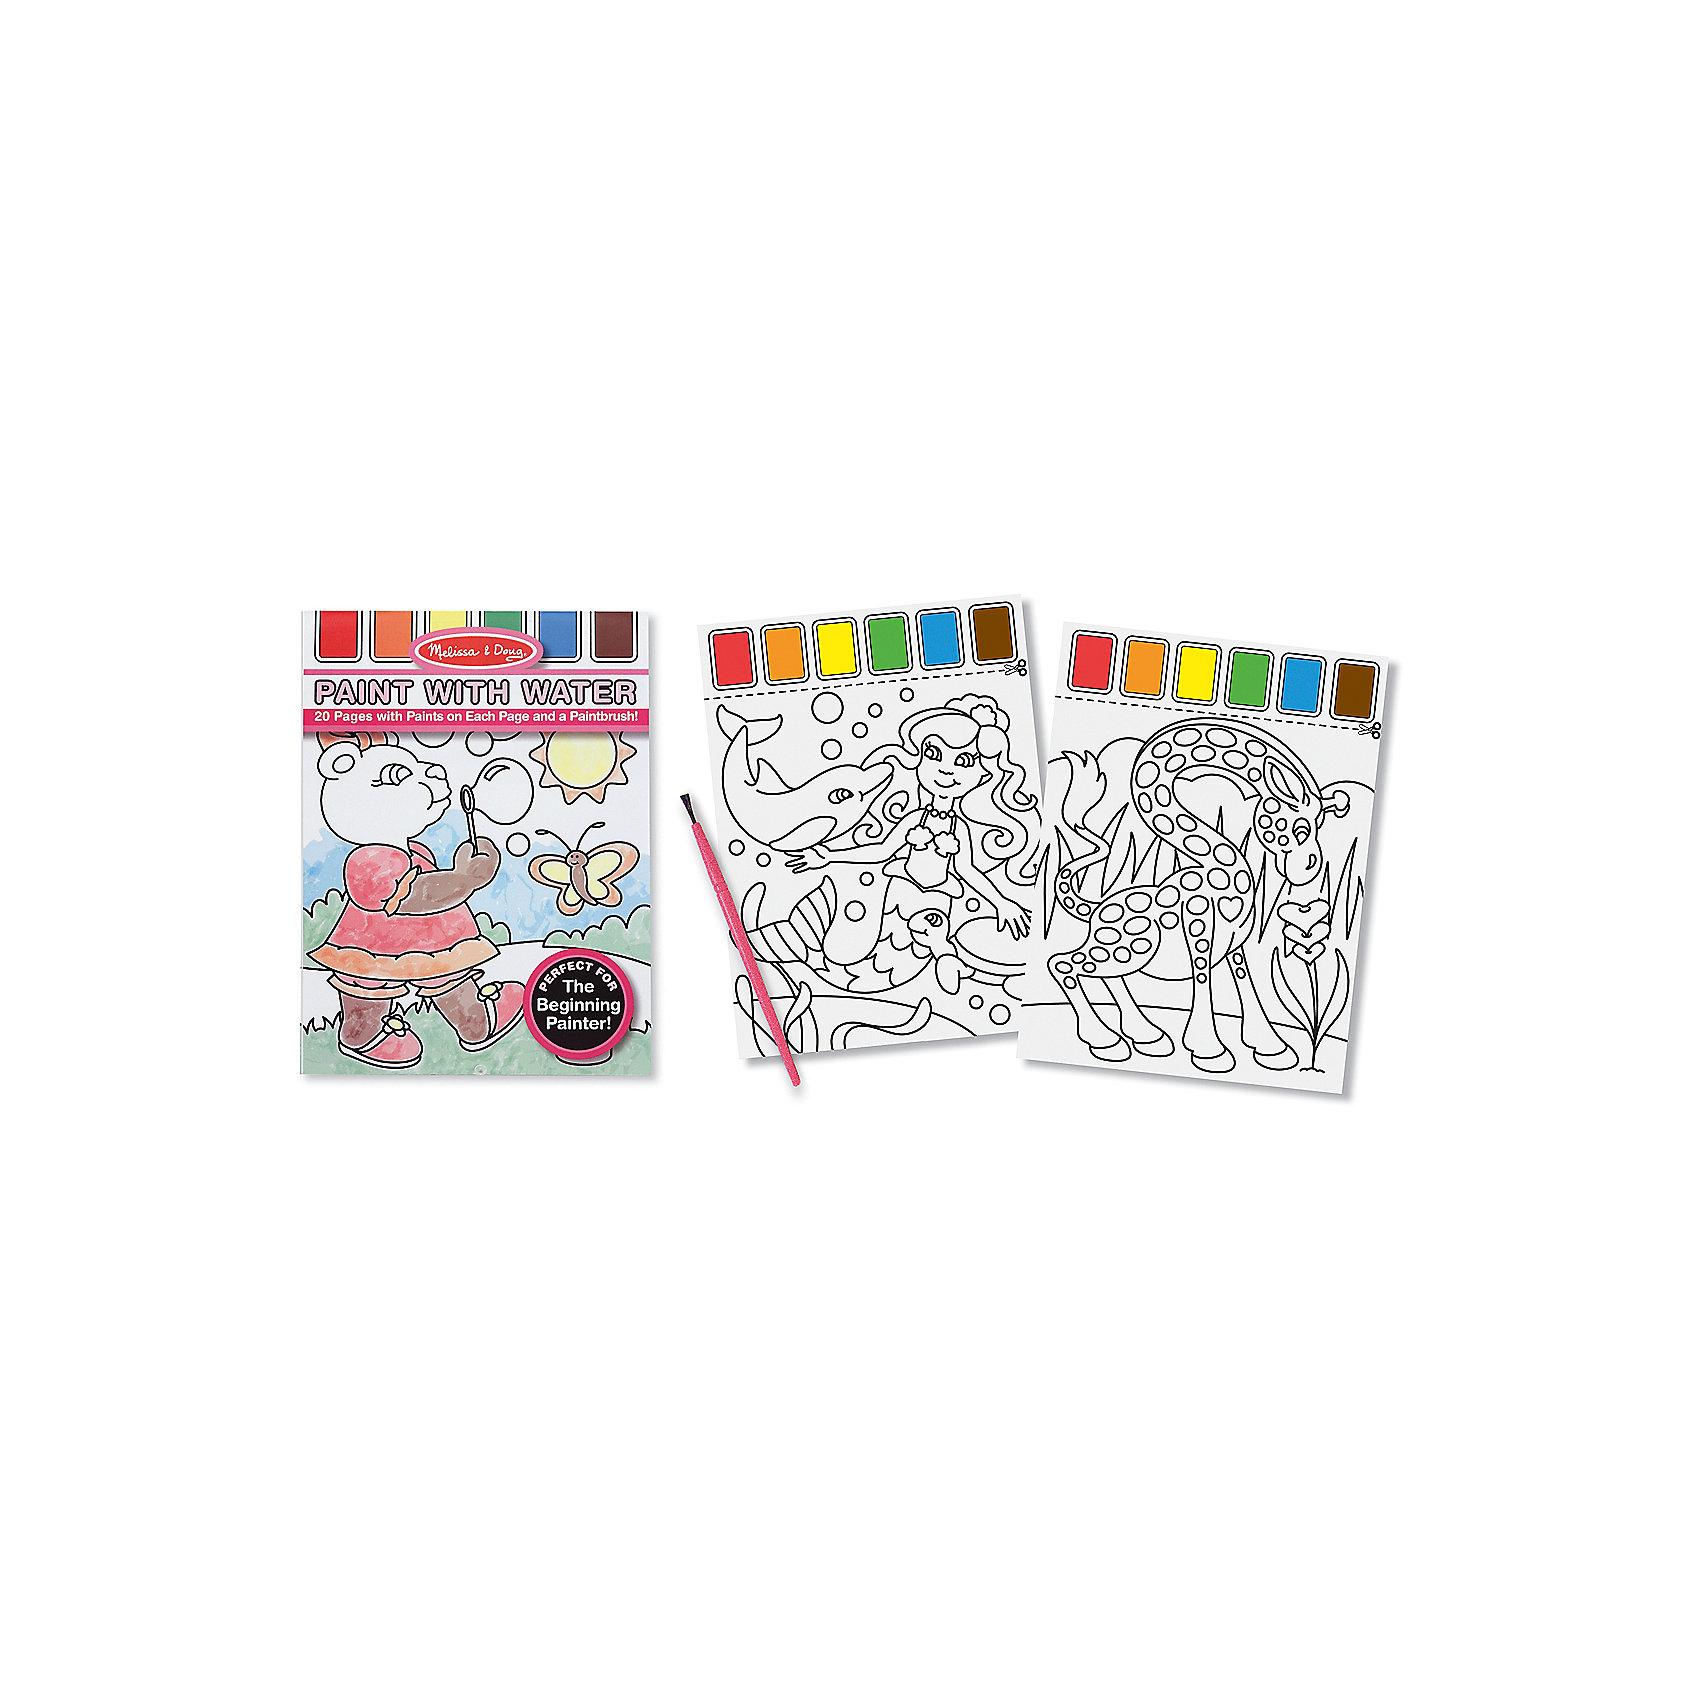 Набор Рисуем водой (розовый)Рисование<br>Думаете, как порадовать ребенка? Такой набор для рисования водой - это отличный вариант подарка ребенку, который одновременно и развлечет малыша, и позволит ему развивать важные навыки. Такой вариант раскрашивания способствует развитию у малышей мелкой моторики, цветовосприятия, художественного вкуса, внимания и воображения. <br>Набор состоит из черно-белых рисунков, по которым достаточно провести мокрой кистью, чтобы они стали цветными. Но делать это нужно аккуратно. Набор отличается удобной упаковкой, простотой использования и отличным качеством исполнения. <br><br>Дополнительная информация:<br><br>комплектация: 20 страниц, кисточка;<br>размер: 290 х 210 х 10 мм;<br>материал: картон.<br><br>Набор Рисуем водой (розовый) от бренда Melissa&amp;Doug можно купить в нашем магазине.<br><br>Ширина мм: 210<br>Глубина мм: 10<br>Высота мм: 290<br>Вес г: 204<br>Возраст от месяцев: 36<br>Возраст до месяцев: 48<br>Пол: Женский<br>Возраст: Детский<br>SKU: 4993637